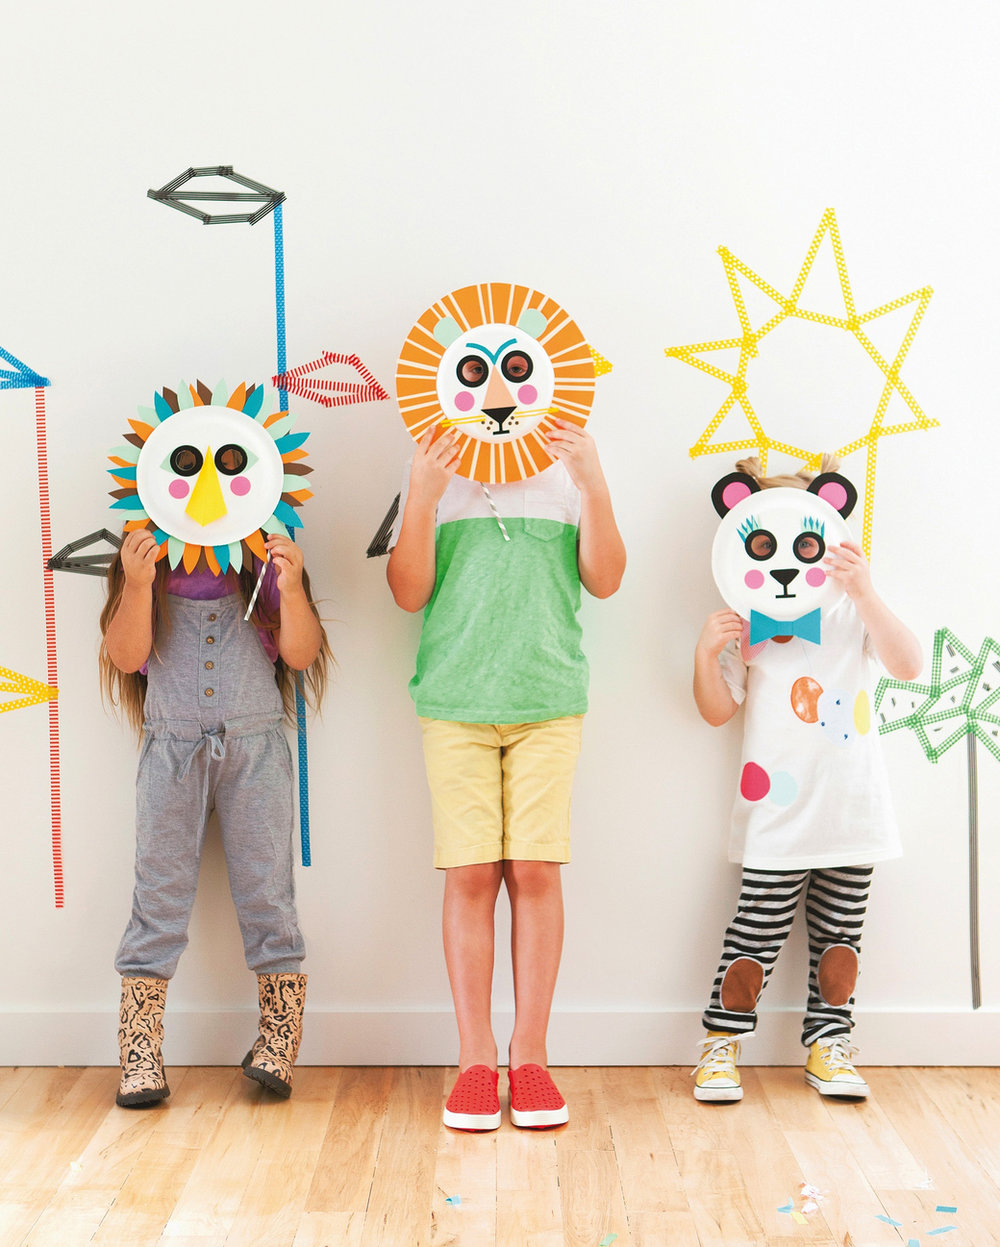 http://www.marthastewart.com/1122206/animal-masks